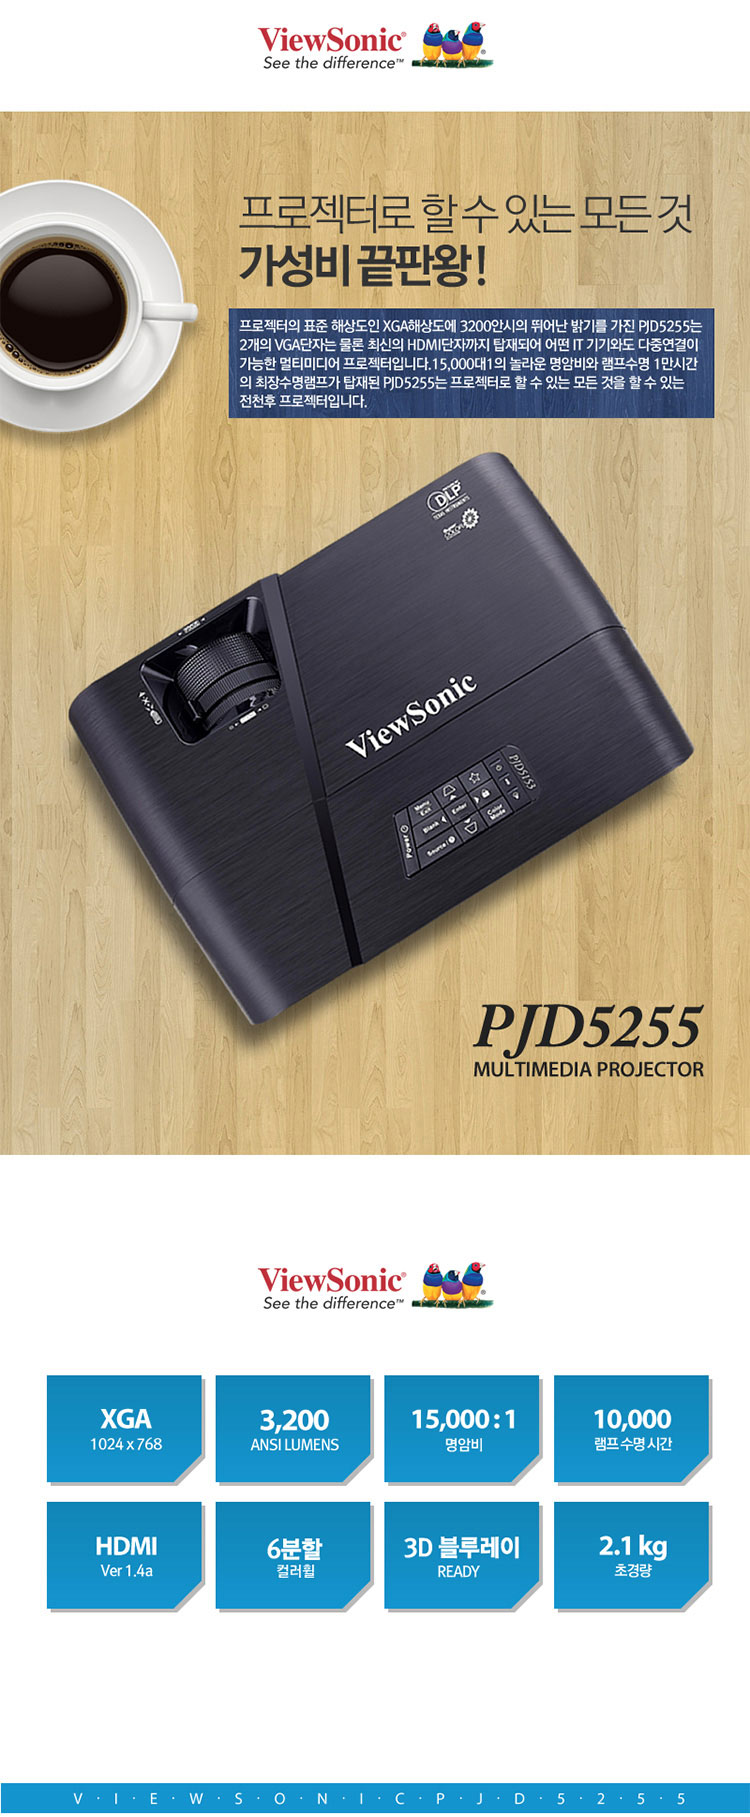 뷰소닉 pjd5255 기본3200안시 램프10000시간 6분할 컬러휠